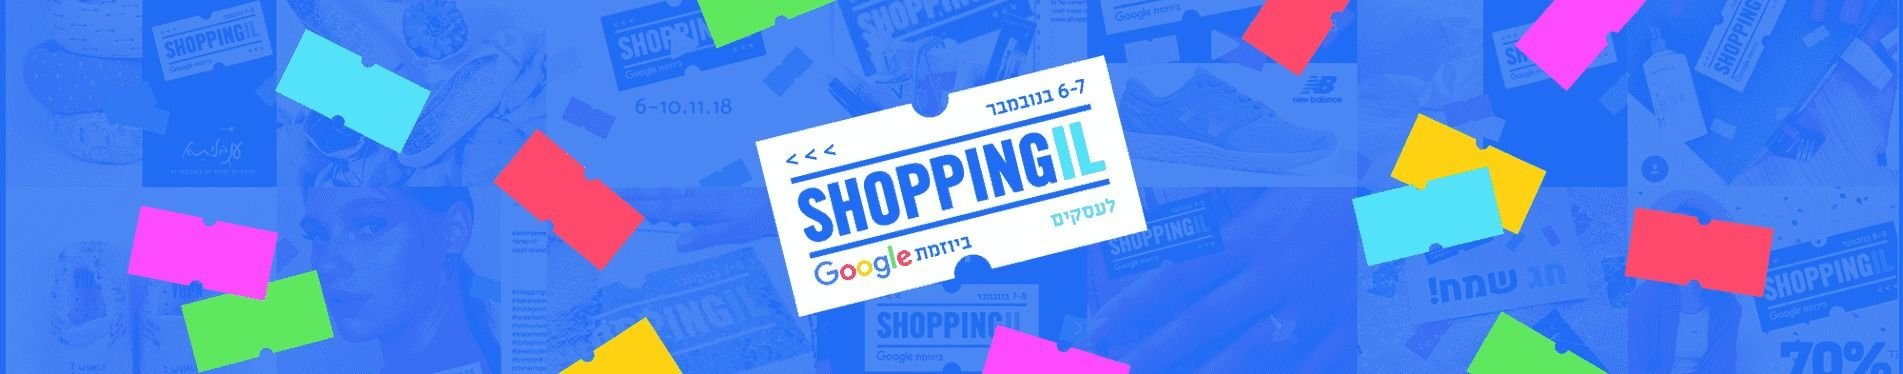 ShoppingIL 2019 - חג קניות שופינג IL